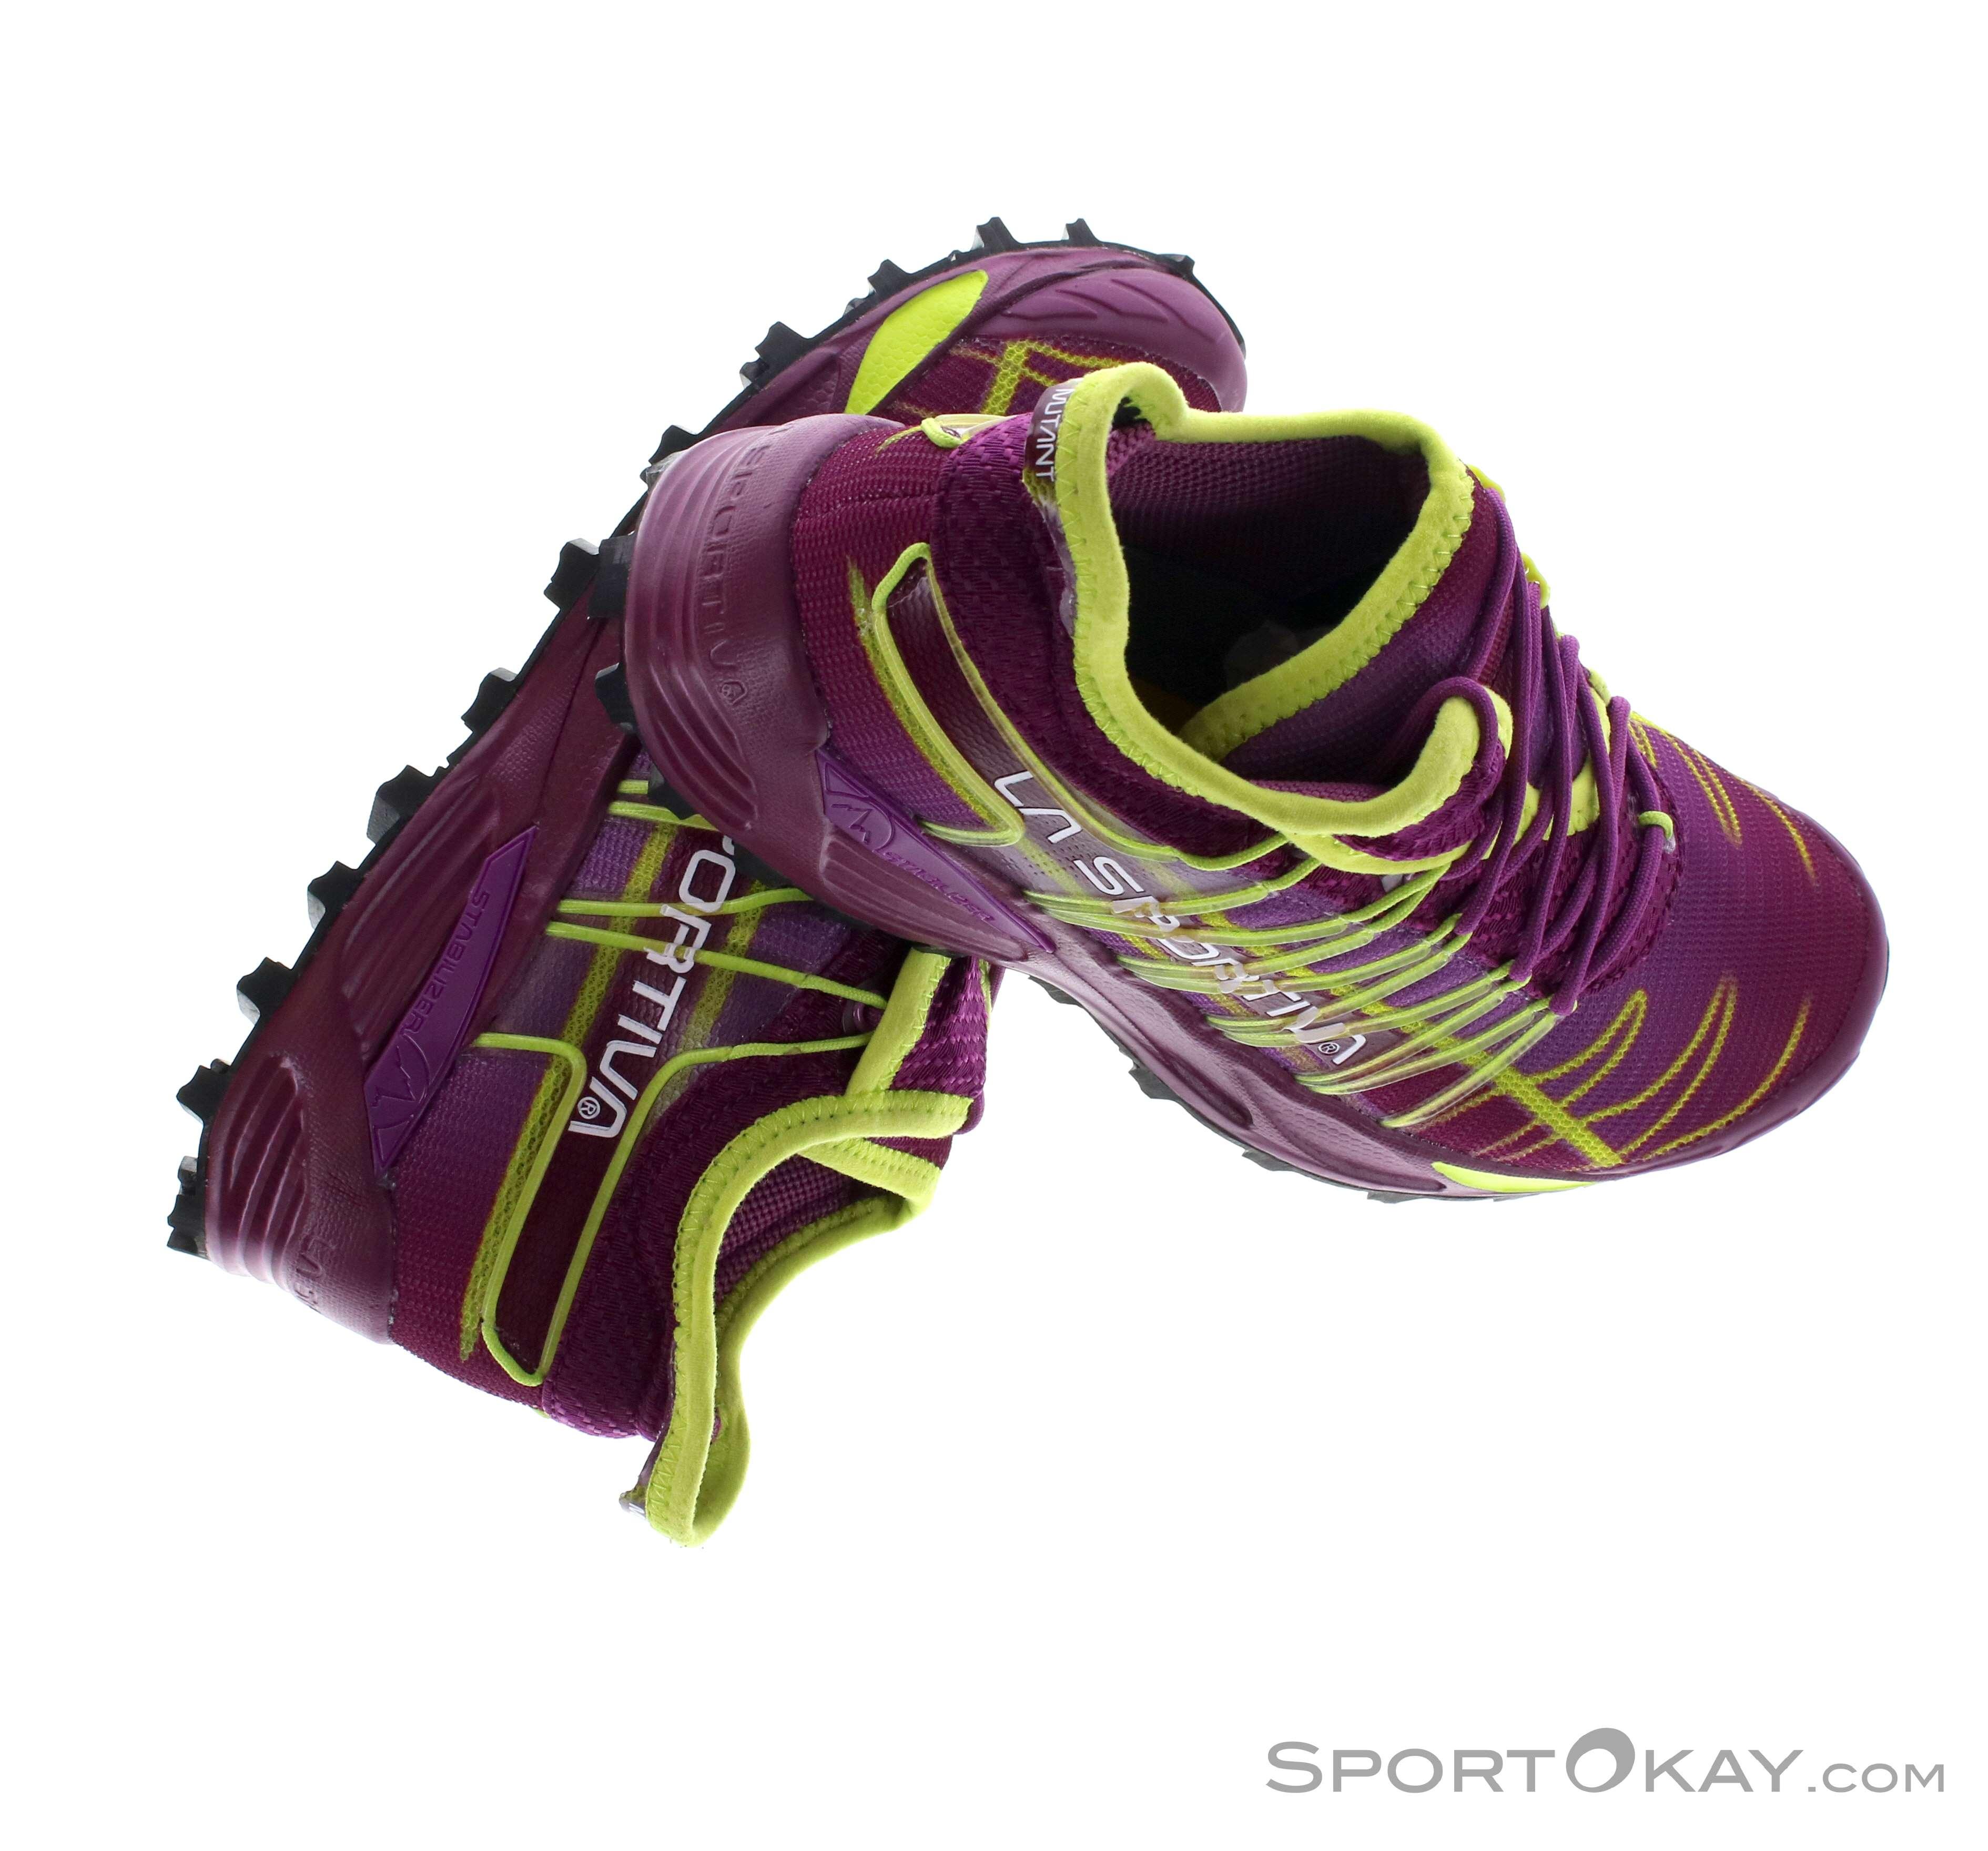 La Sportiva Mutant Donna Scarpe da Trail Running - Scarpe da trail ... b48a05309ca